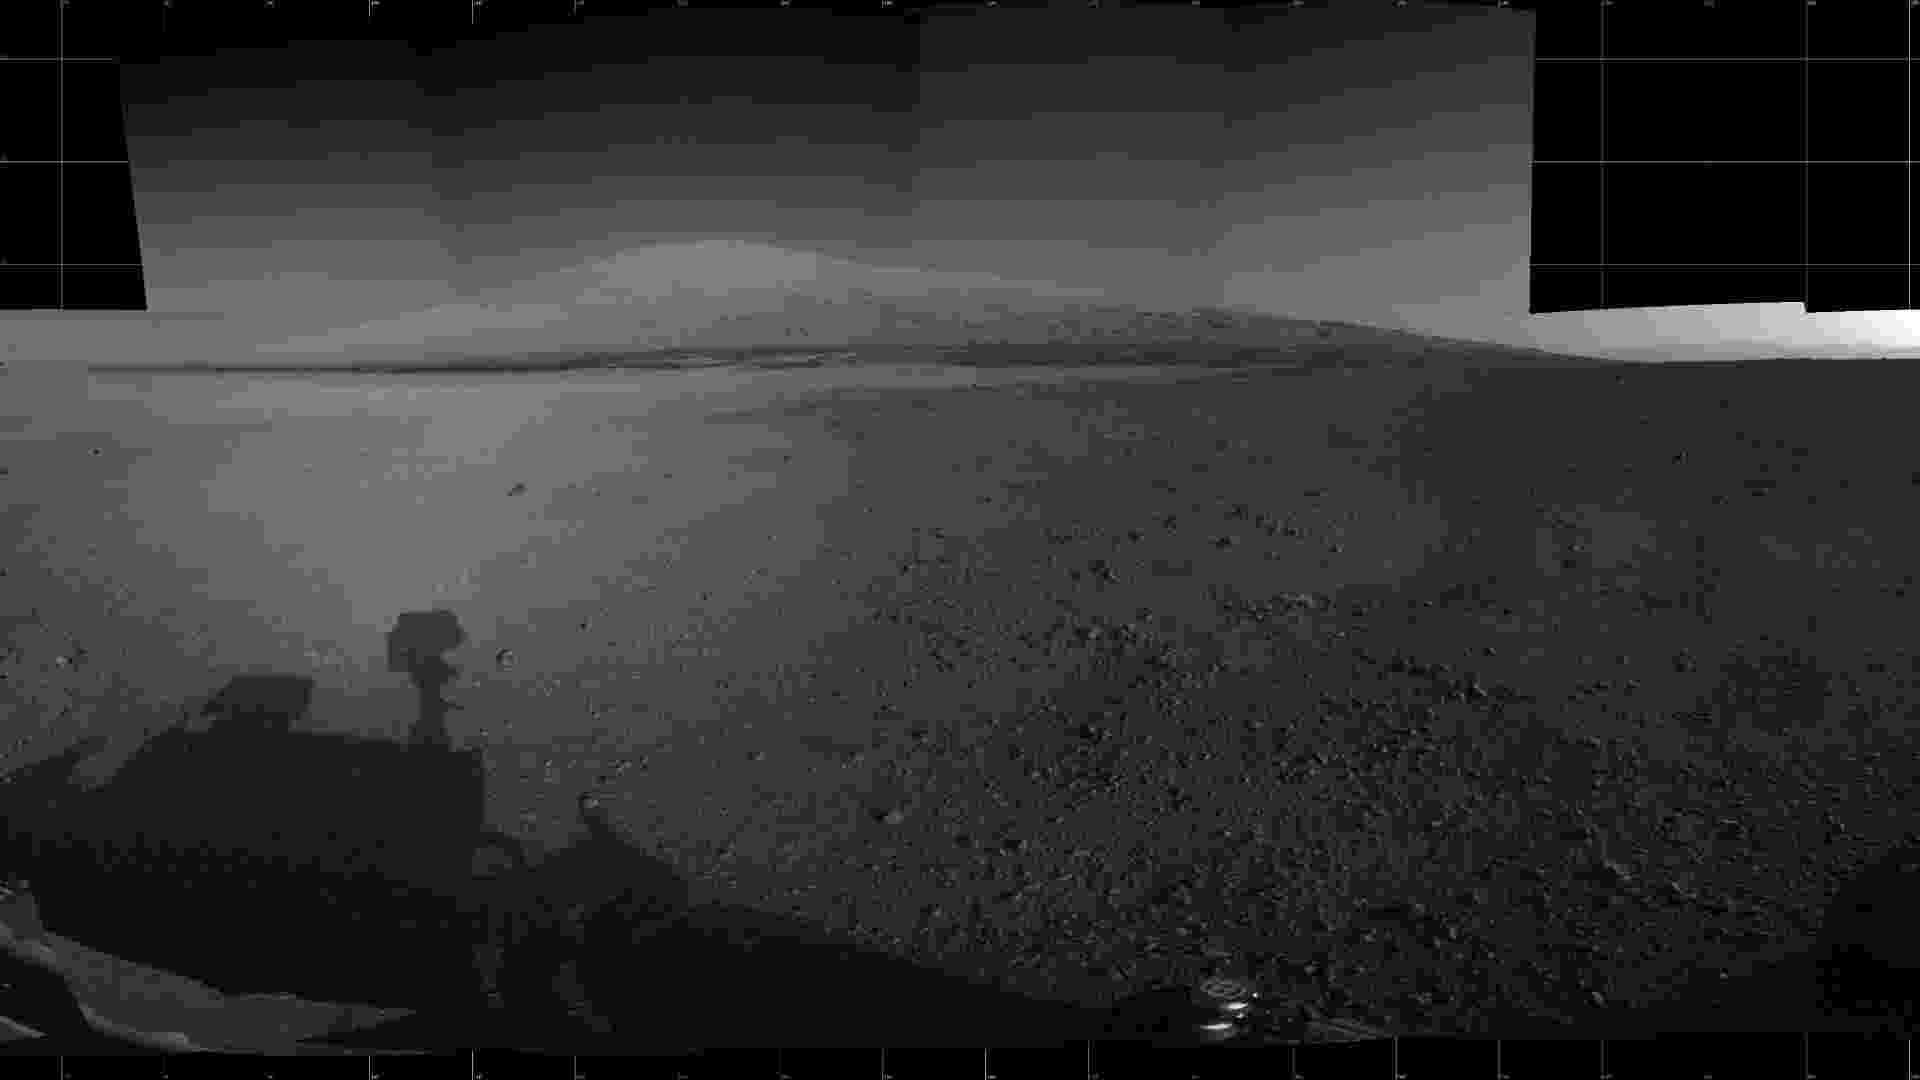 6.jun.2013 - Cientistas da Nasa (Agência Espacial Norte-Americana) enviaram na segunda-feira (5) comandos para o Curiosity se movimentar e começar a dirigir rumo à base do monte Sharp (ao fundo), localizado cerca de oito quilômetros a sudoeste de sua posição atual. Como a viagem deve durar meses, o robô fará três paradas para estudos científicos, como determinar o quanto mais seca fica essa região do planeta vermelho à medida que ele se afasta da baía Yellowknife. Acima, imagem do monte Sharp, que tem 5,5 quilômetros de altura, feita pelo robô em agosto do ano passado, mês que iniciou sua missão de dois anos - Nasa/JPL-Caltech